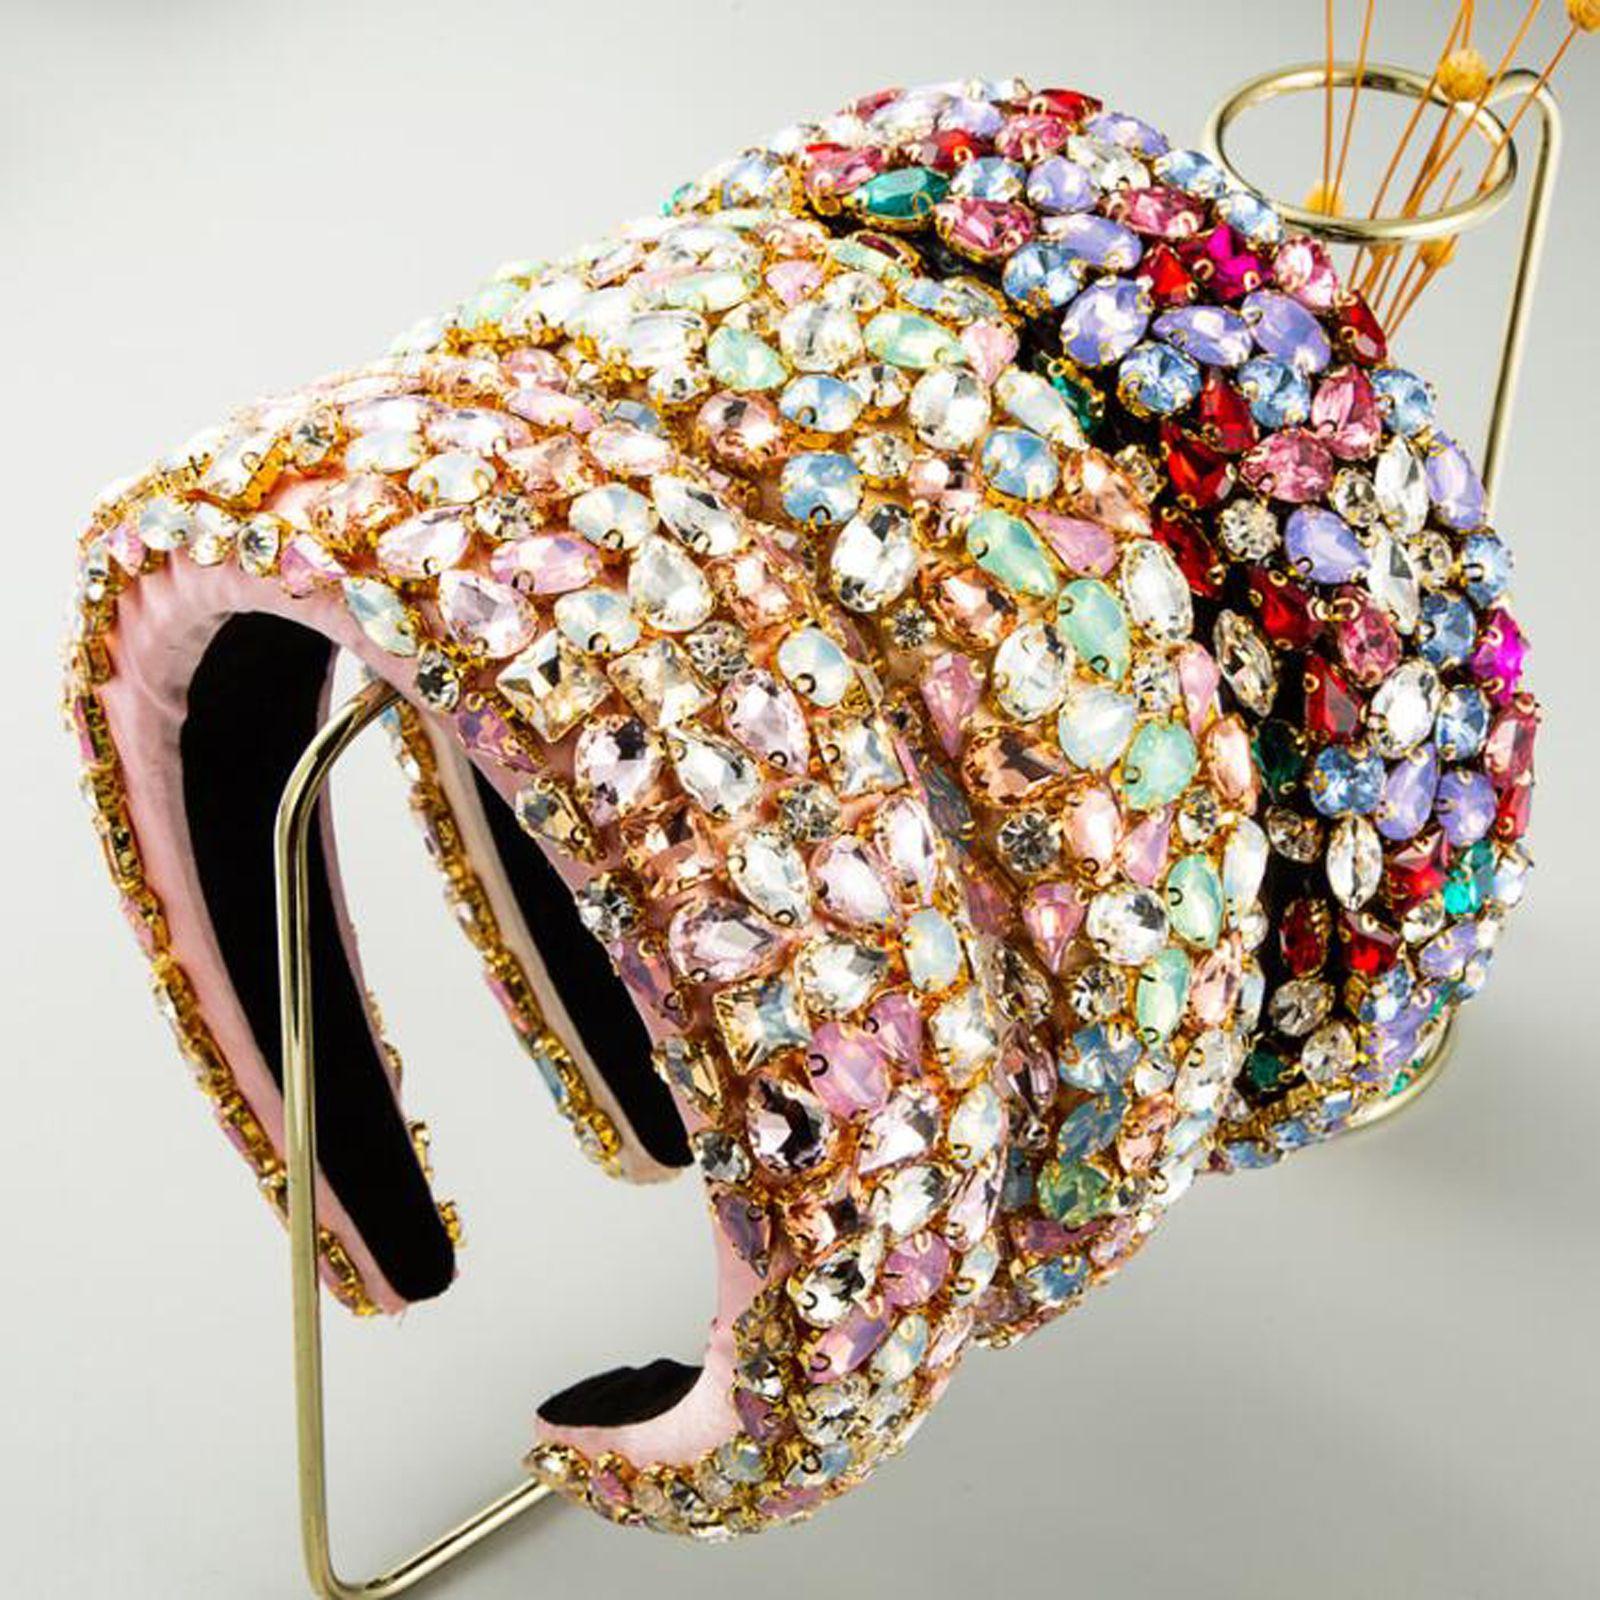 NOUVEAU Bandeau de Femmes Femmes Luxurious Bande baroque Baroque Cristaux colorés-Inlaid Sponge Strass Accessoires pour cheveux